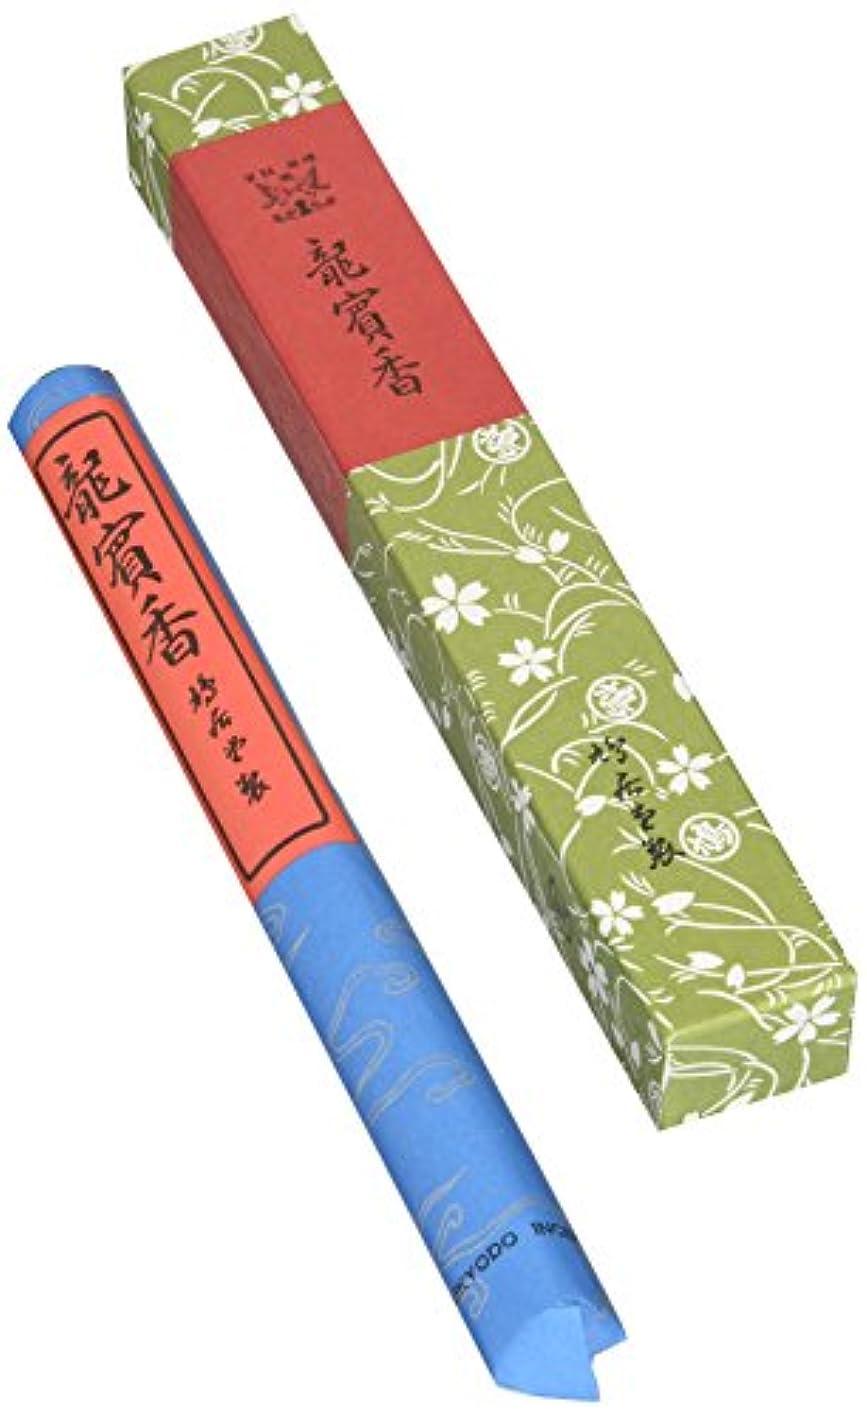 法的セント道路鳩居堂のお線香 龍賓香 紙箱 短寸1把入 17cm #153